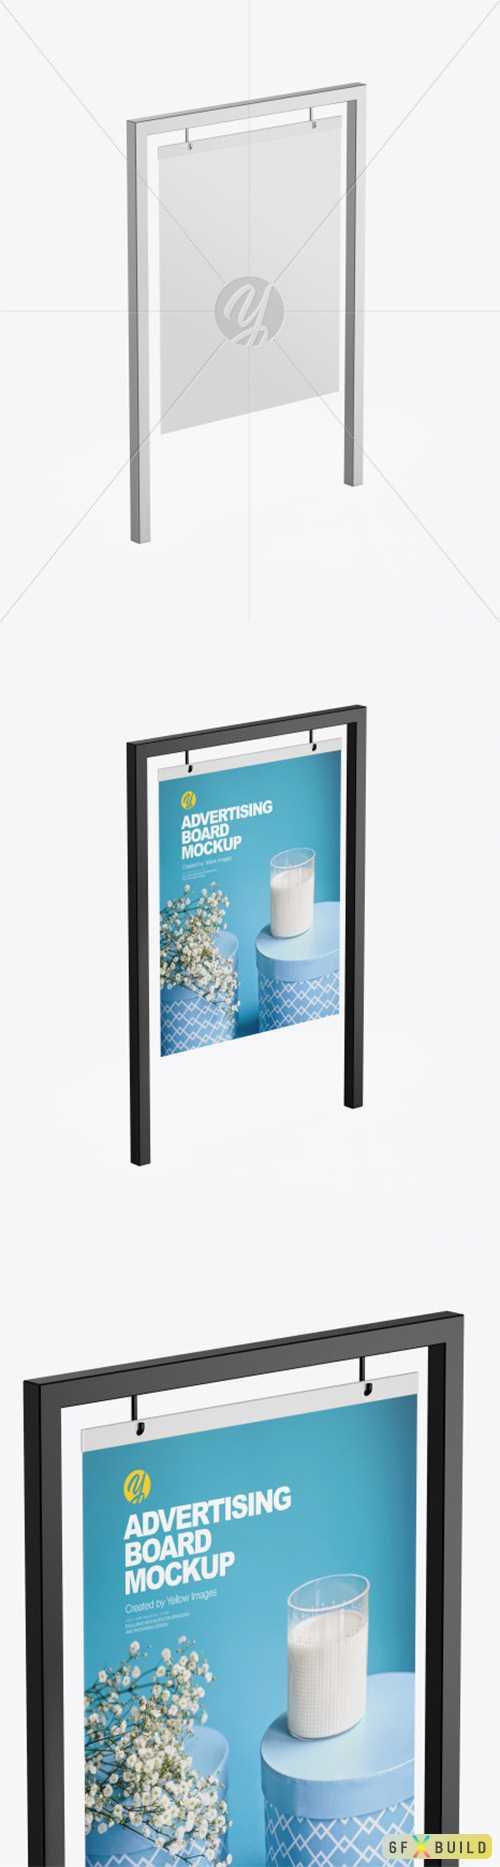 Advertising Board Frame Mockup 77322 TIF